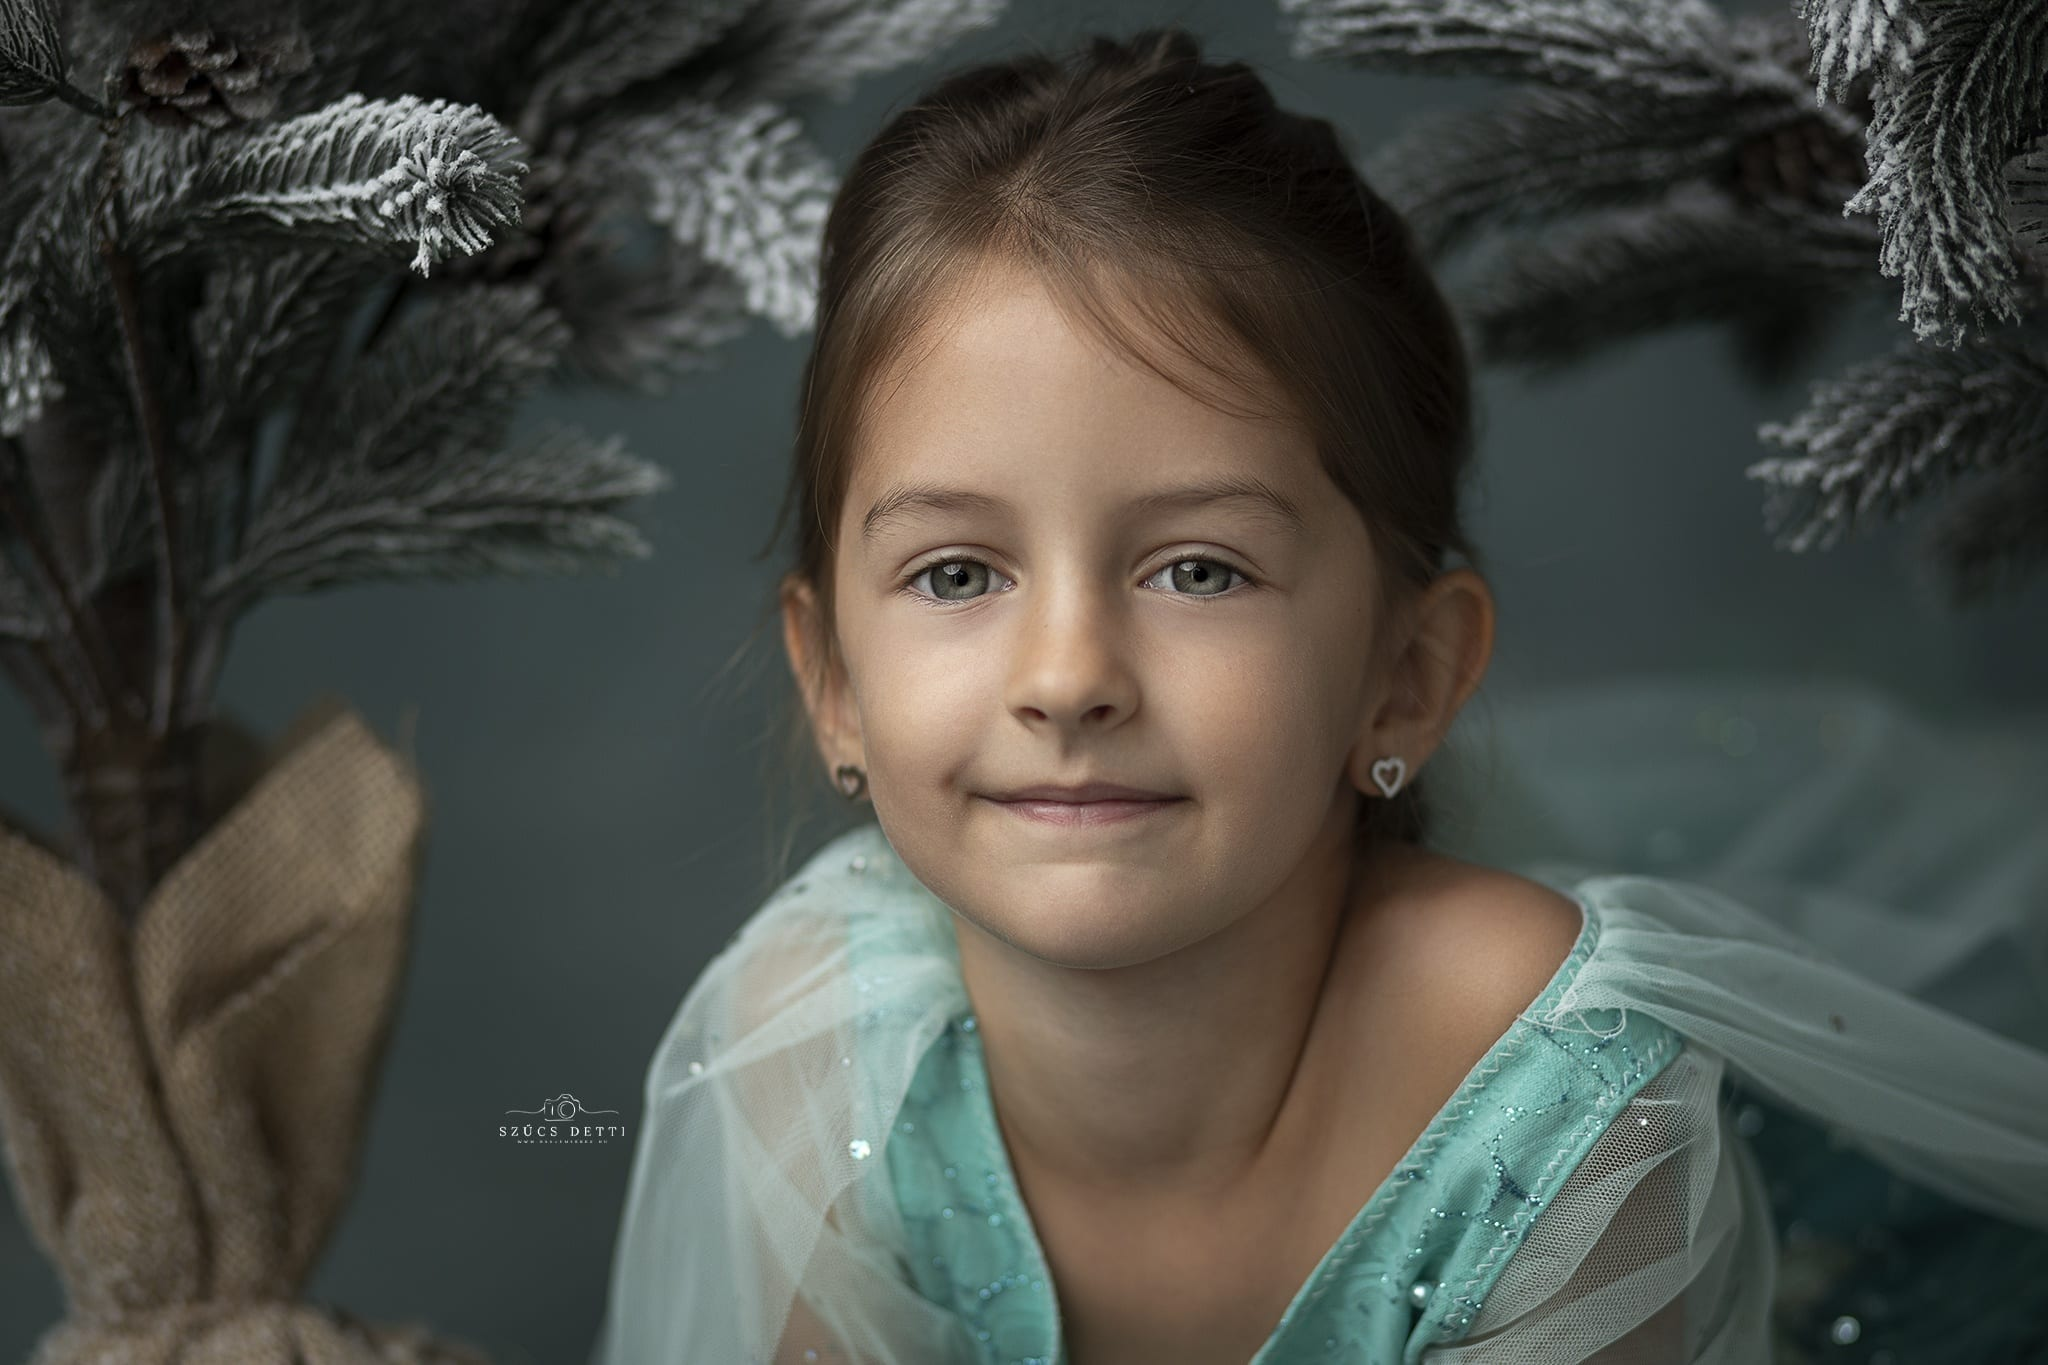 Hercegnős gyerek portré Budapest babaemlekek.hu